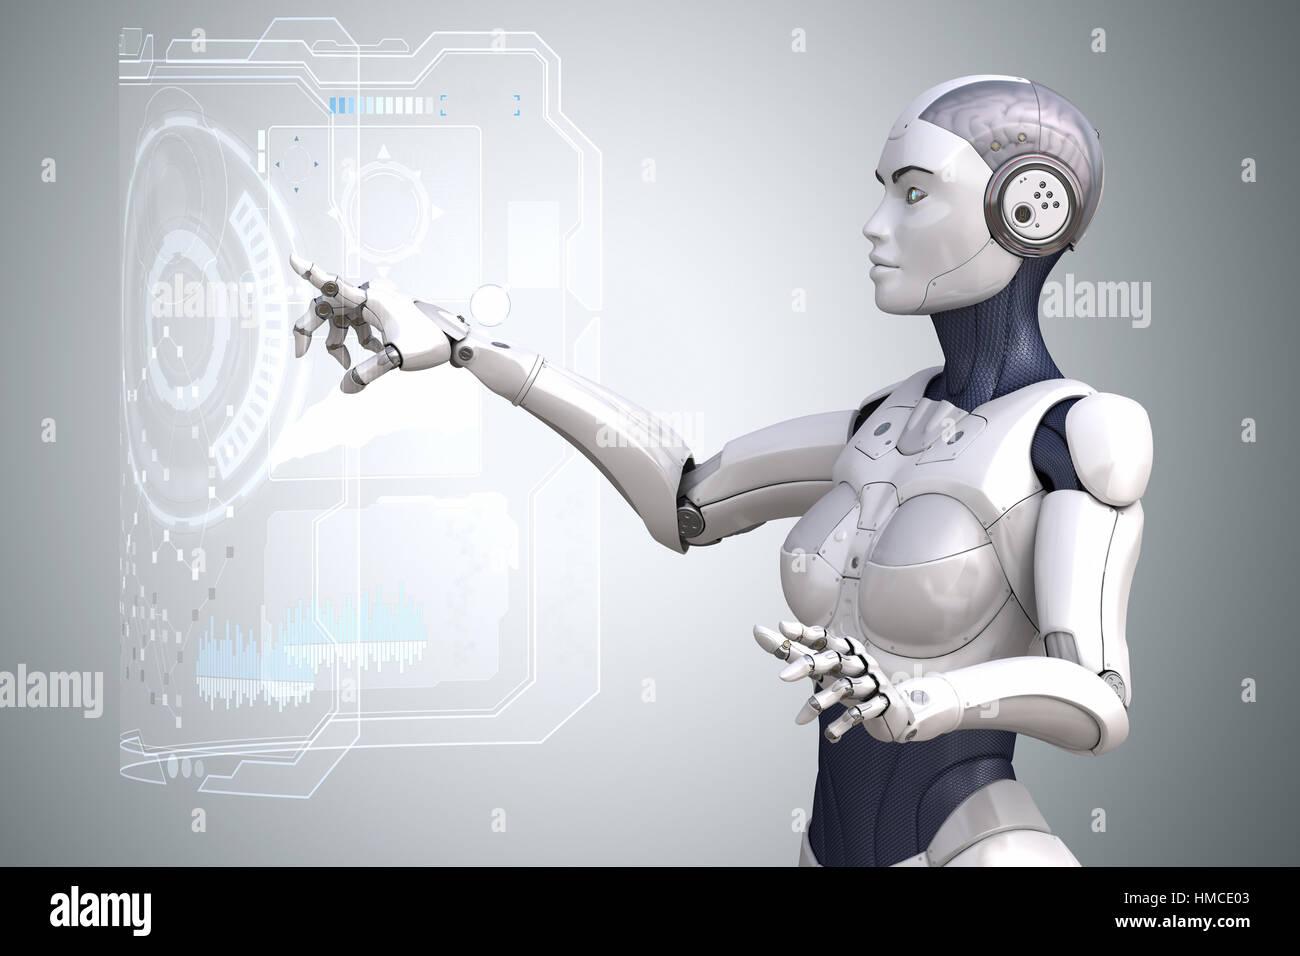 Il robot è lavorare con la realtà virtuale touchscreen. 3D illustrazione Immagini Stock